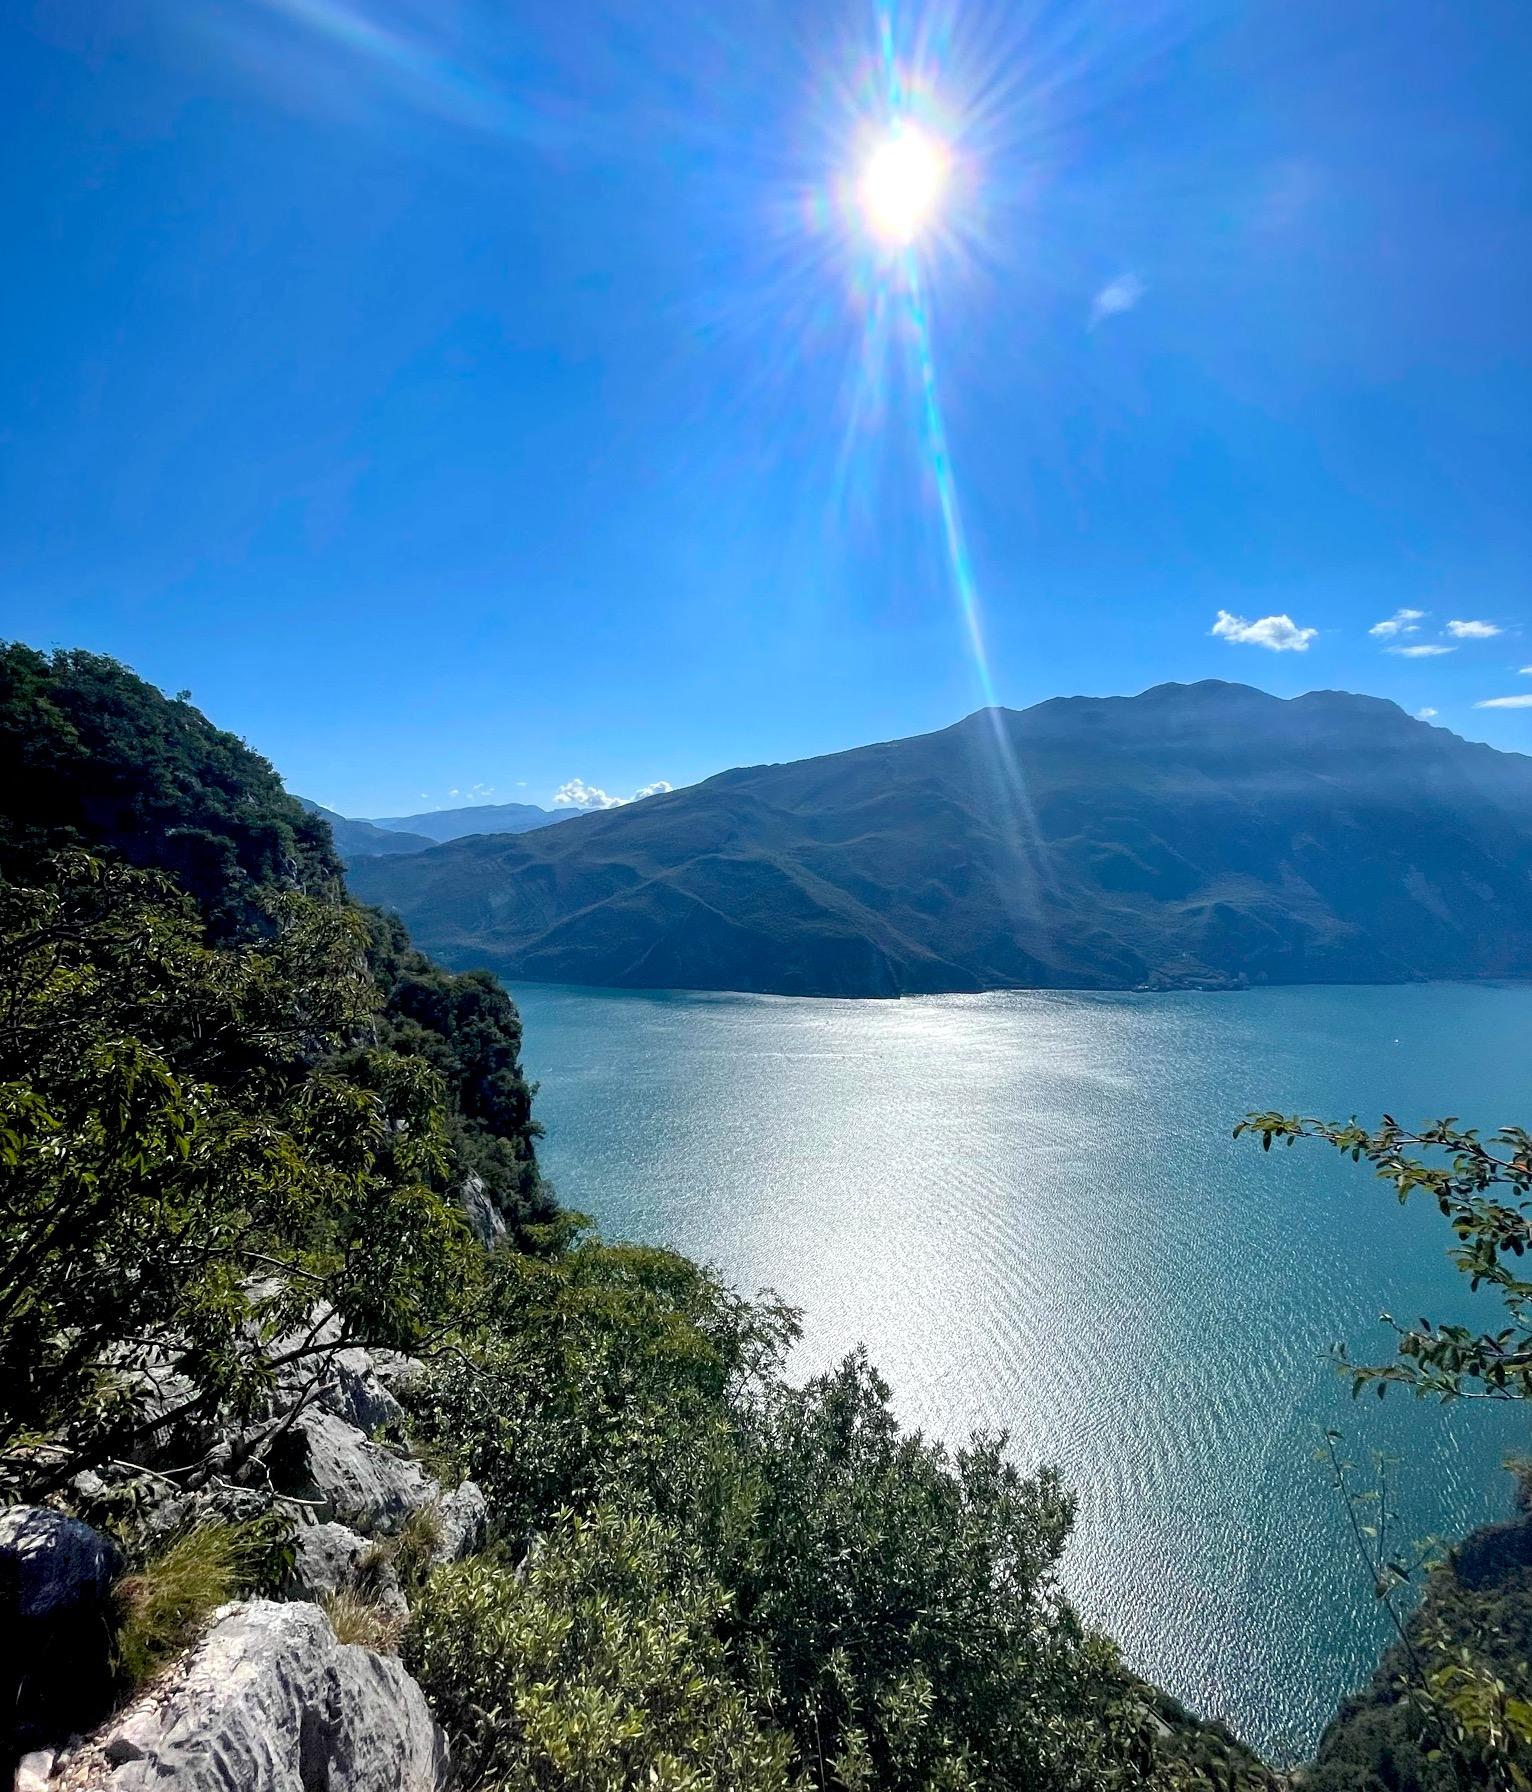 Ausblick auf den sonnigen Gardasee